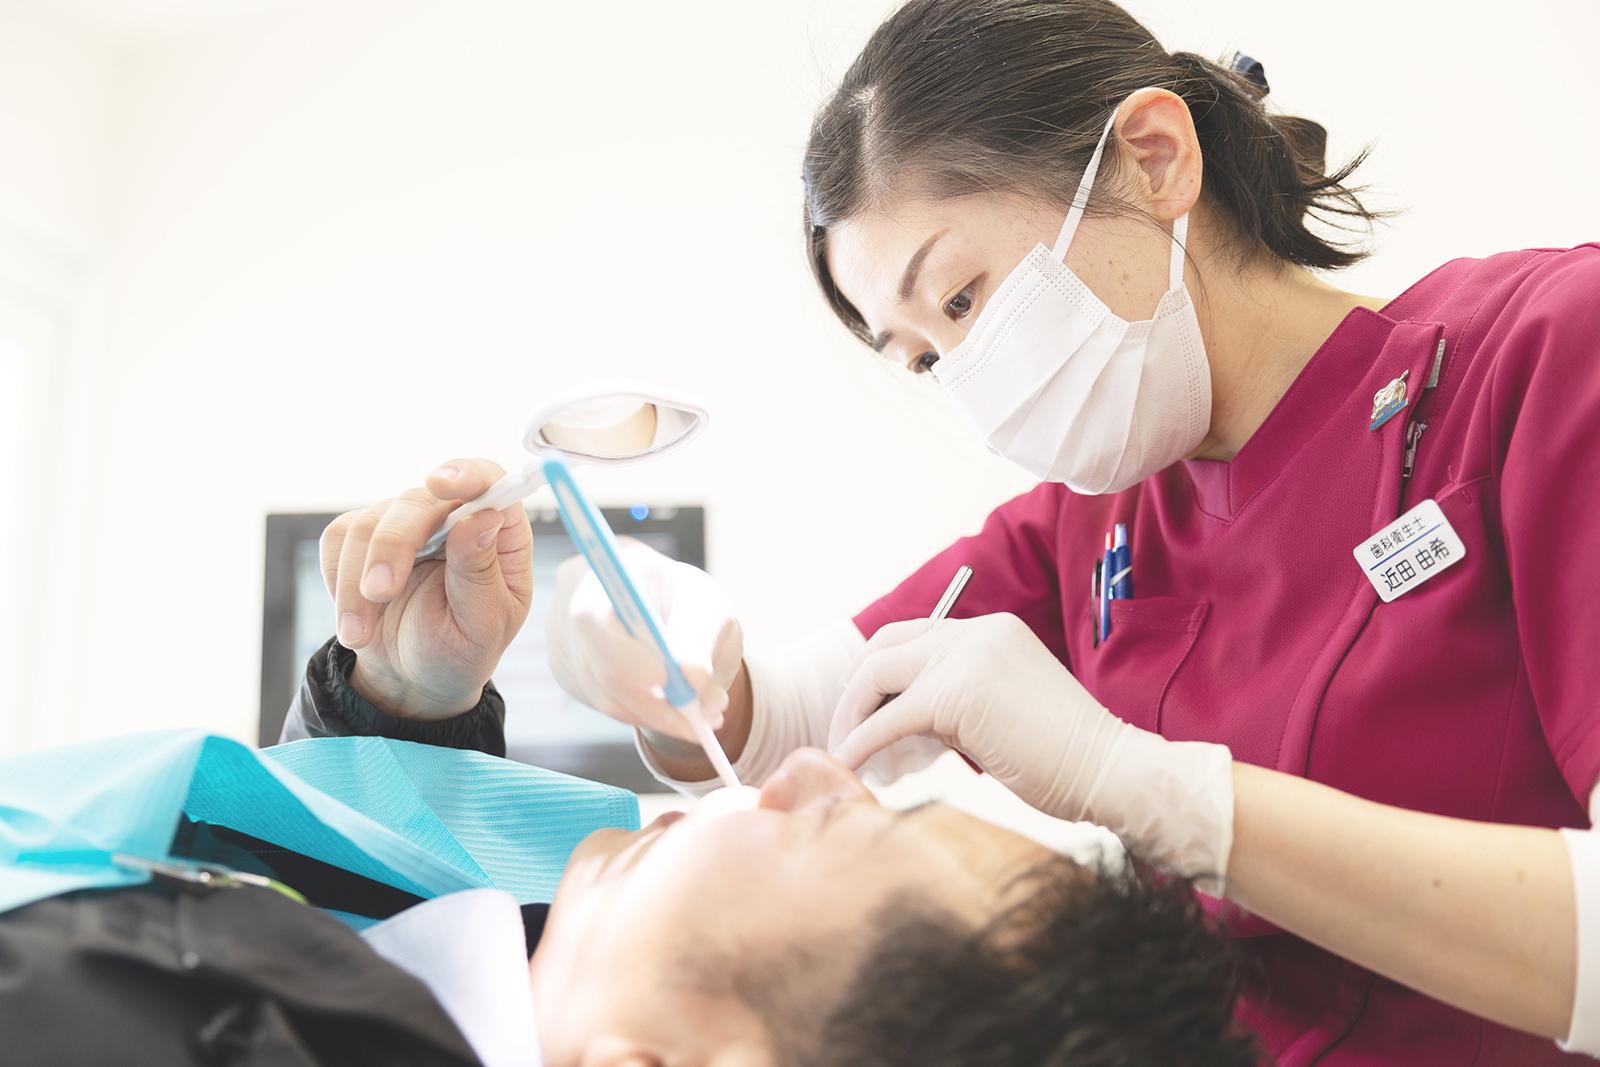 虫歯・歯周病が繰り返されている患者さんへ メンテナンスの重要性